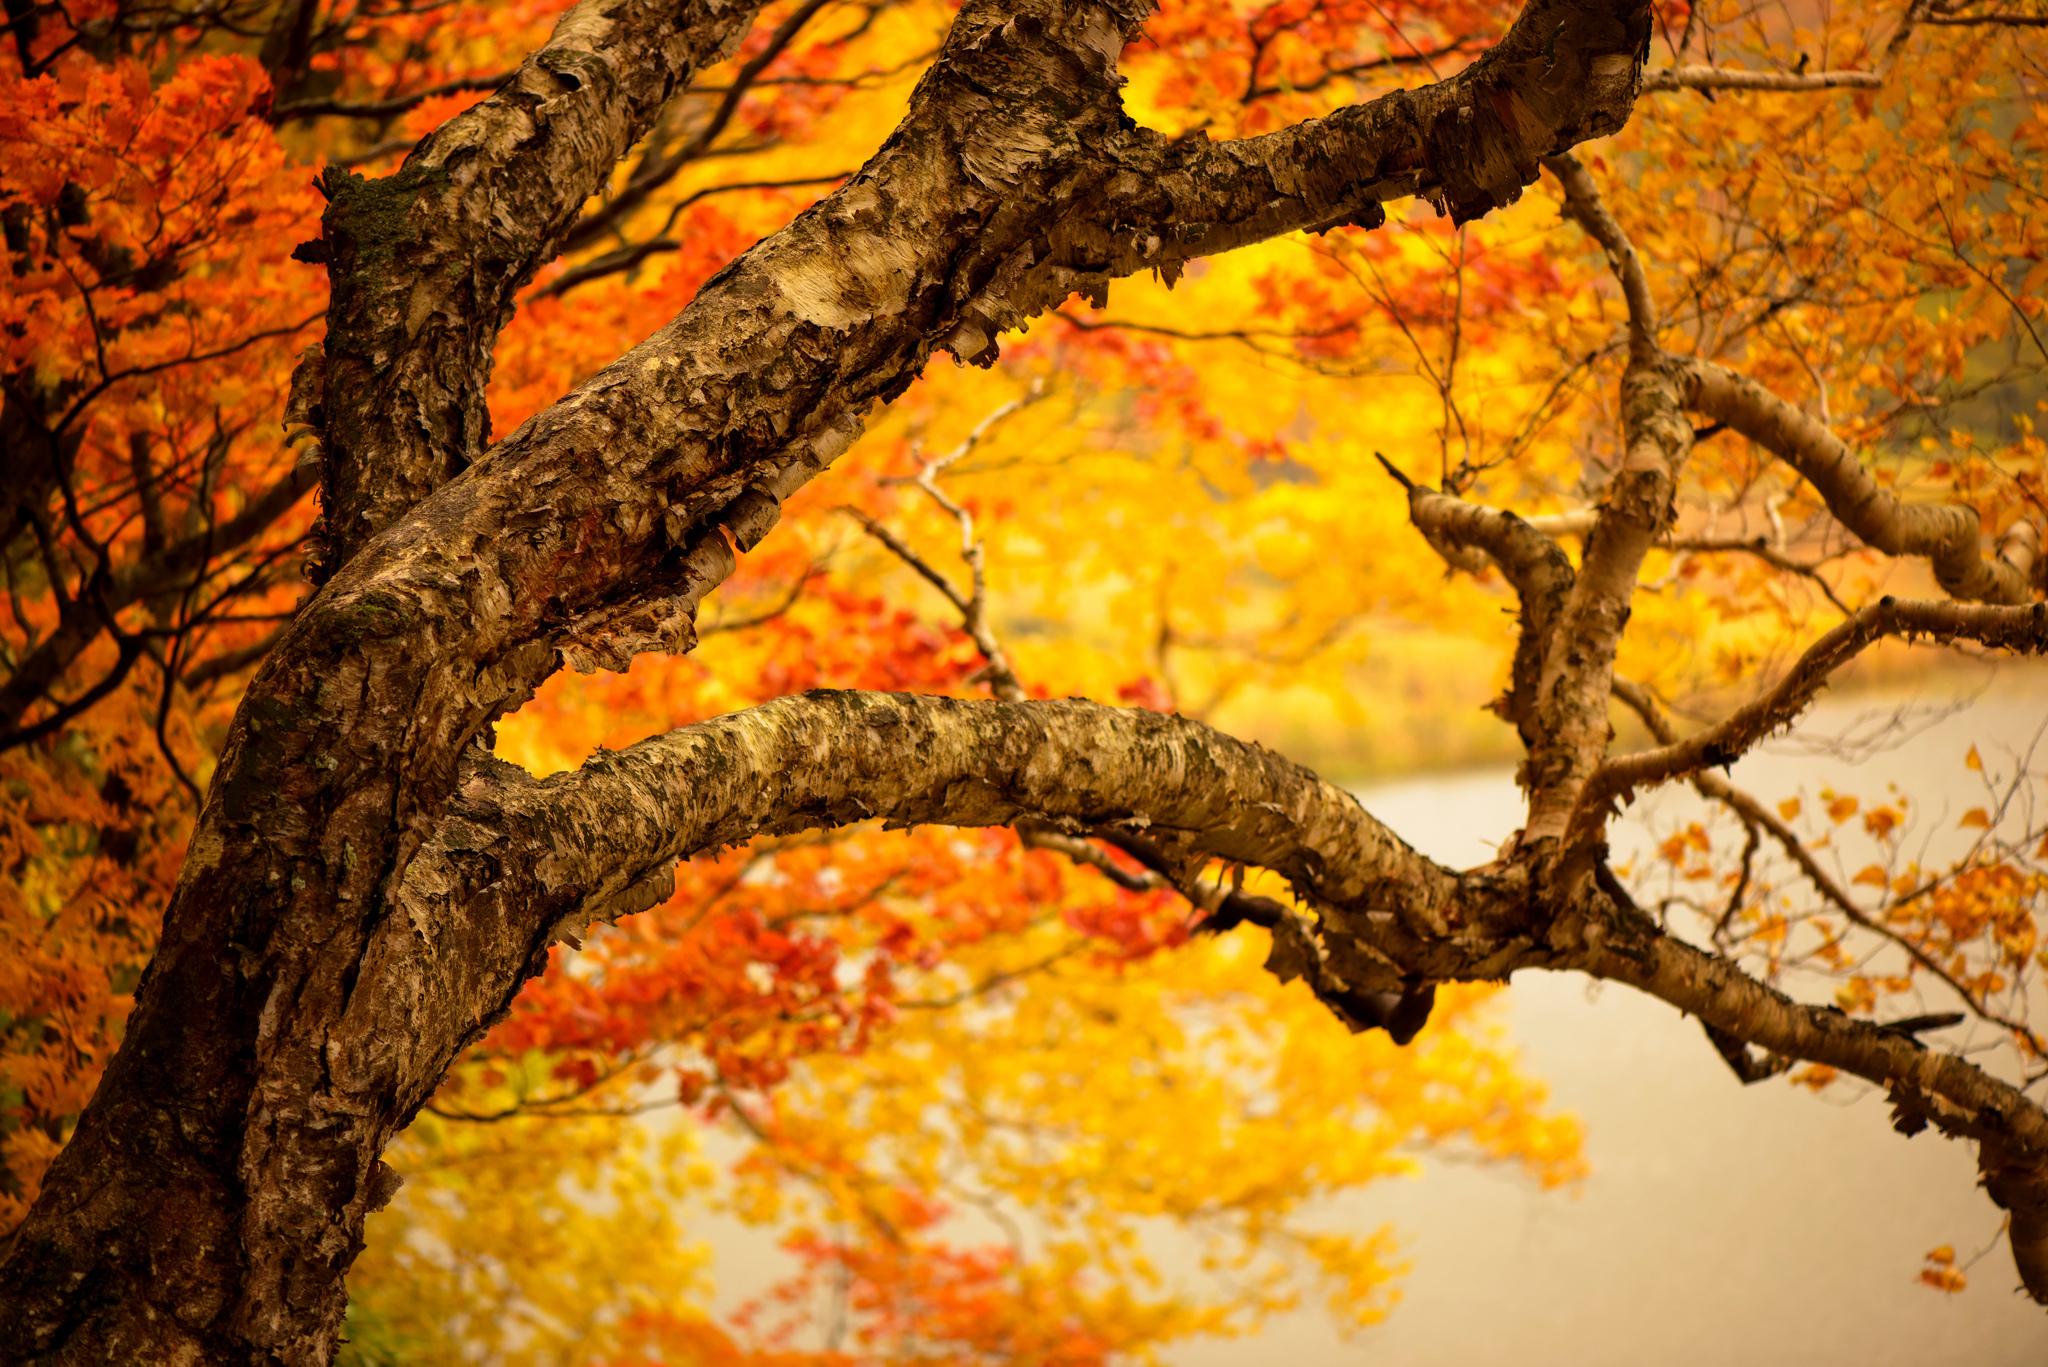 природа деревья листья осень nature trees leaves autumn  № 1036912 загрузить